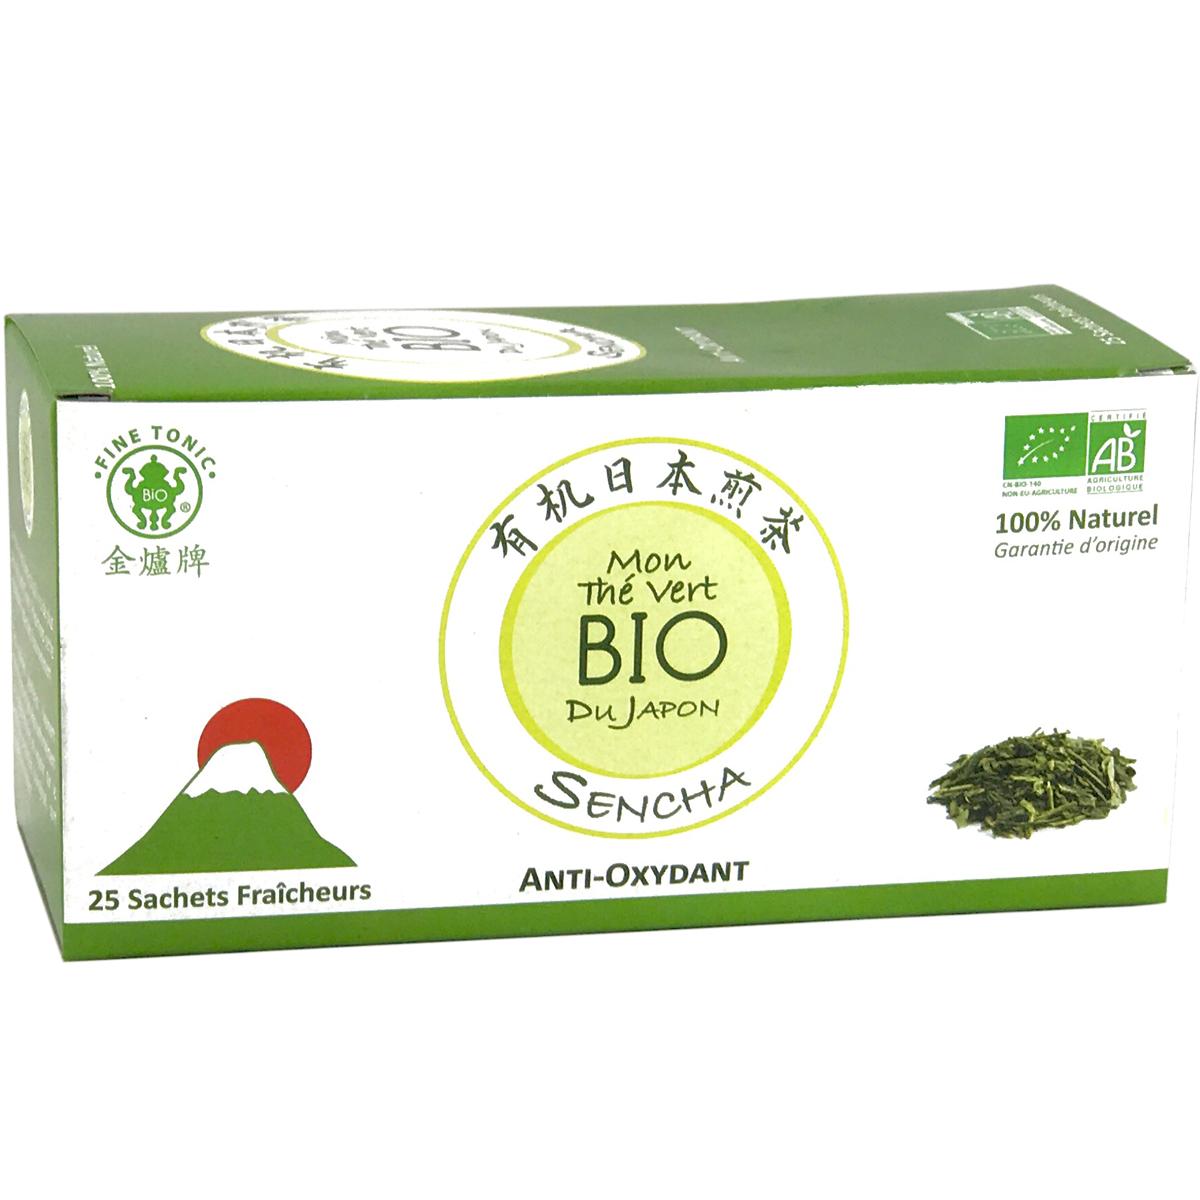 Mon thé vert Sencha BIO Image